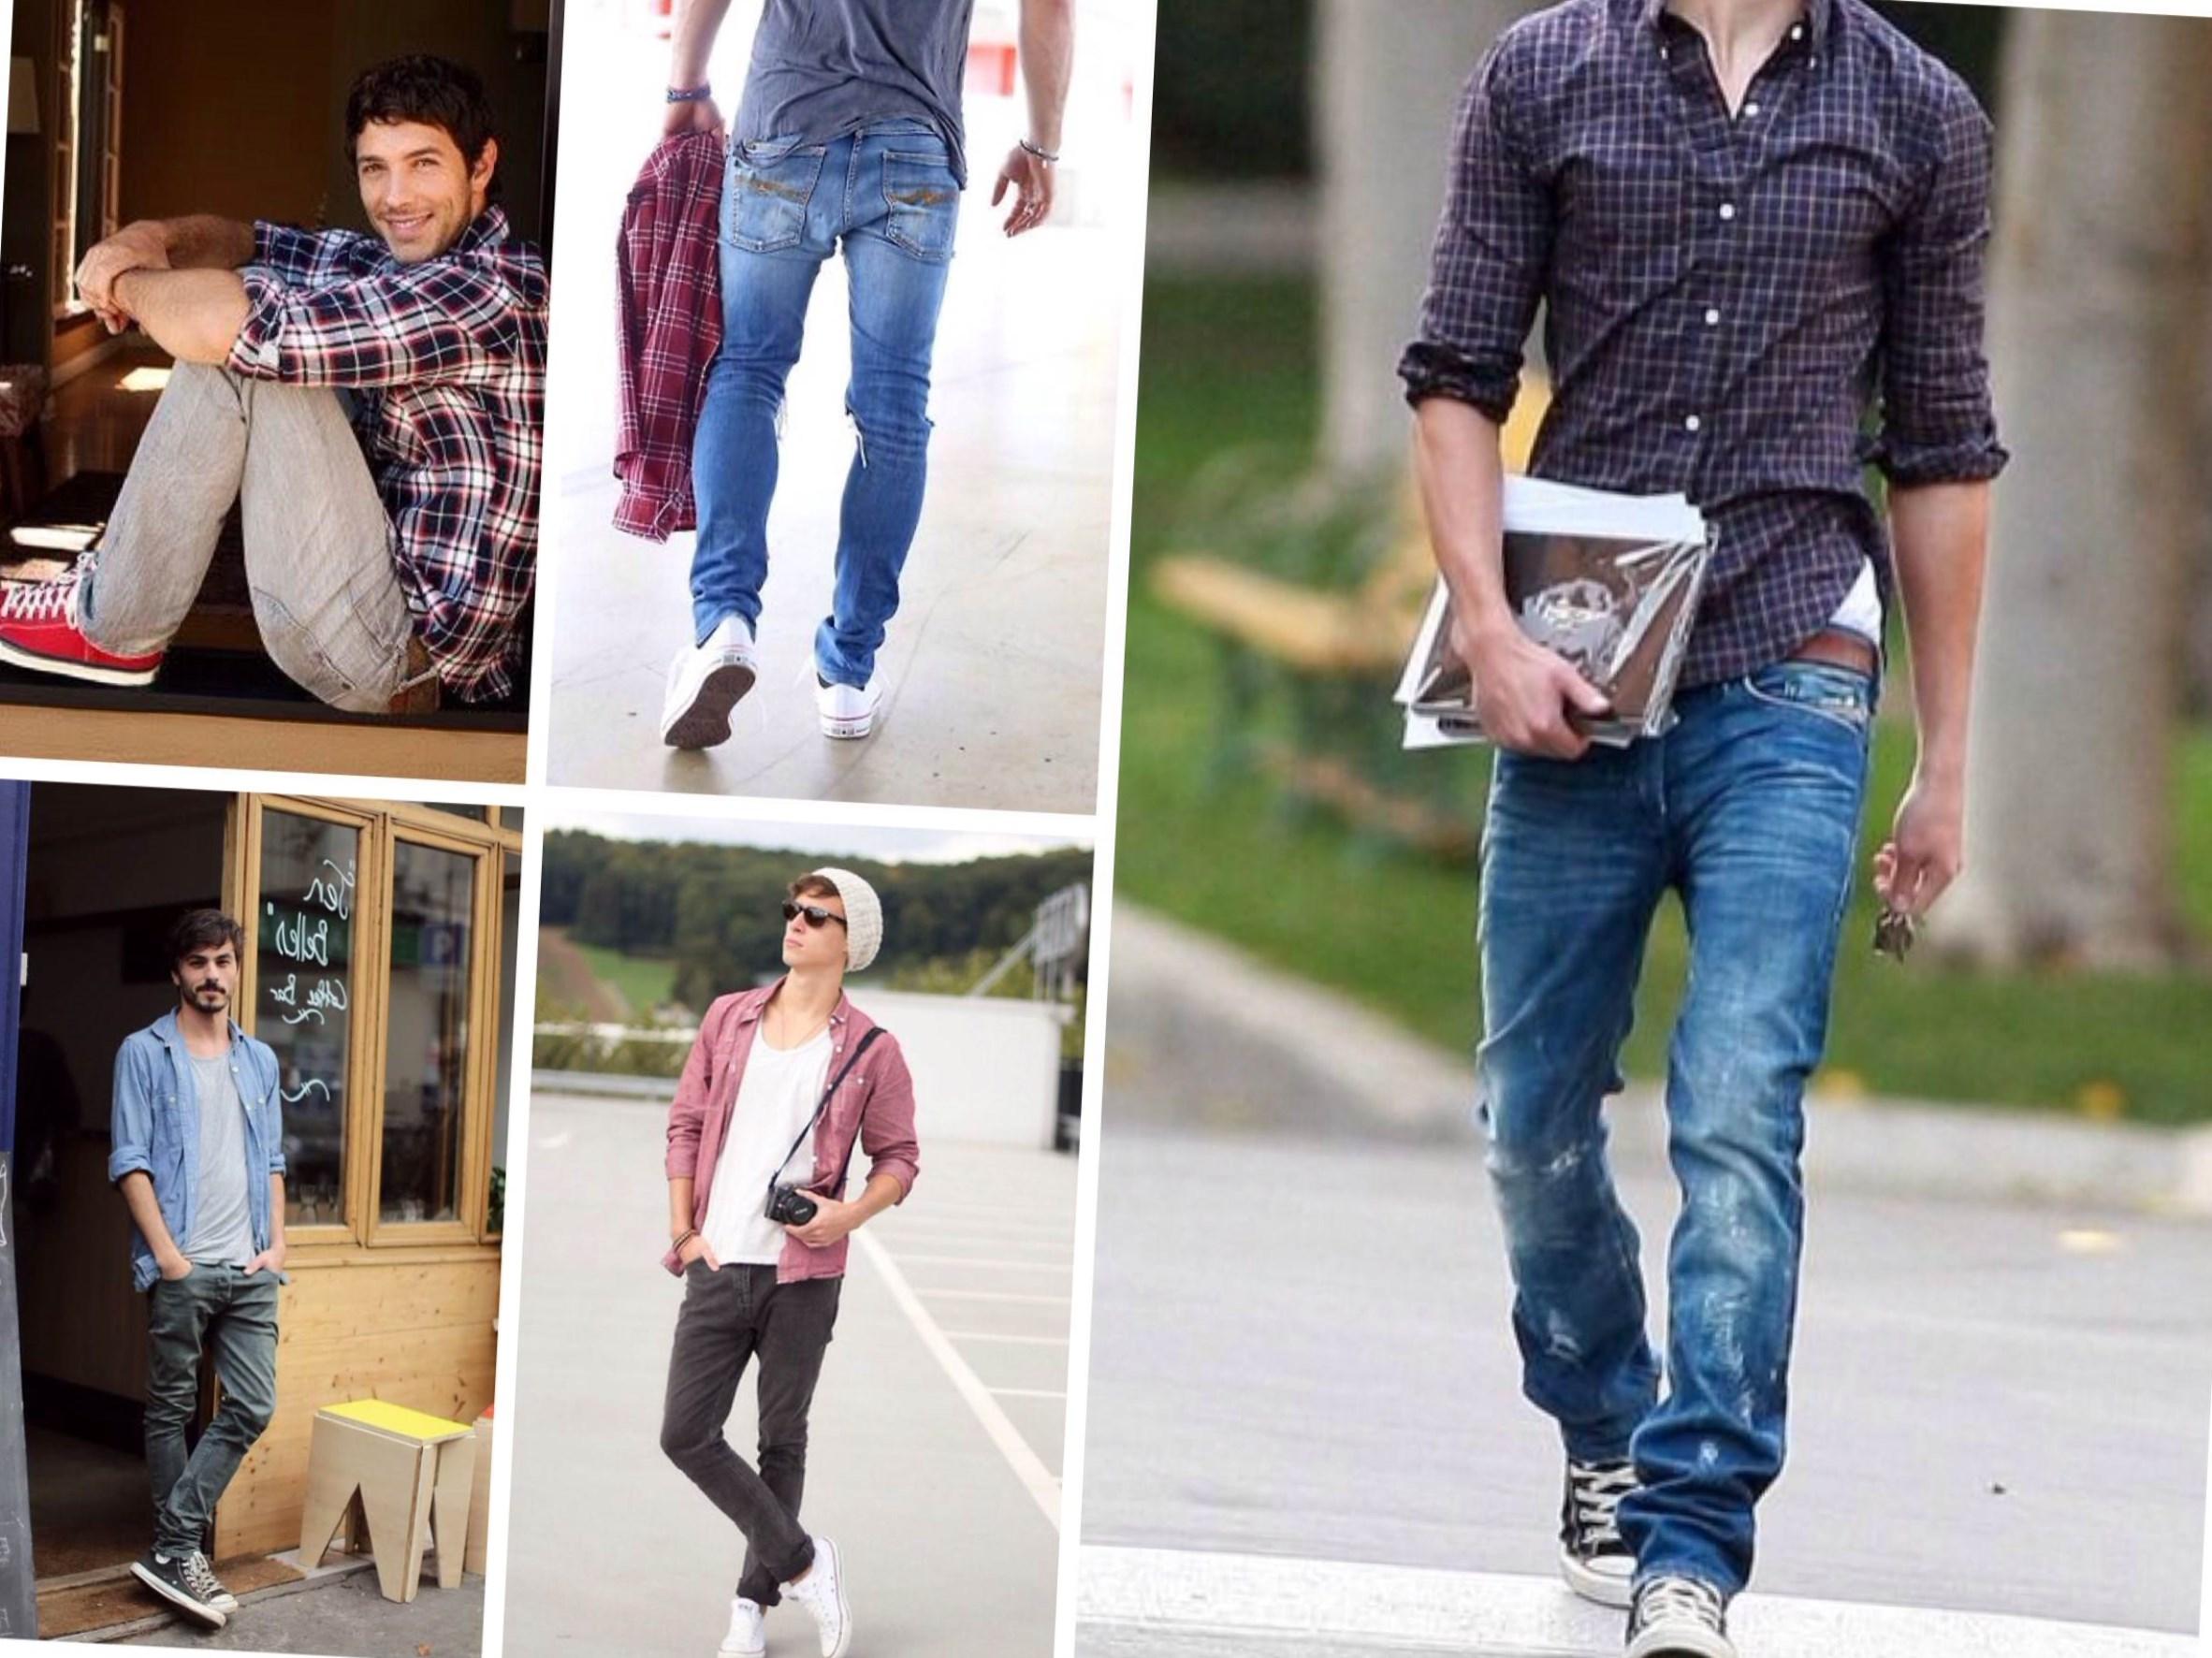 человеческой с чем носить высокие кеды мужчинам фото нефтеюганске сделали снимки